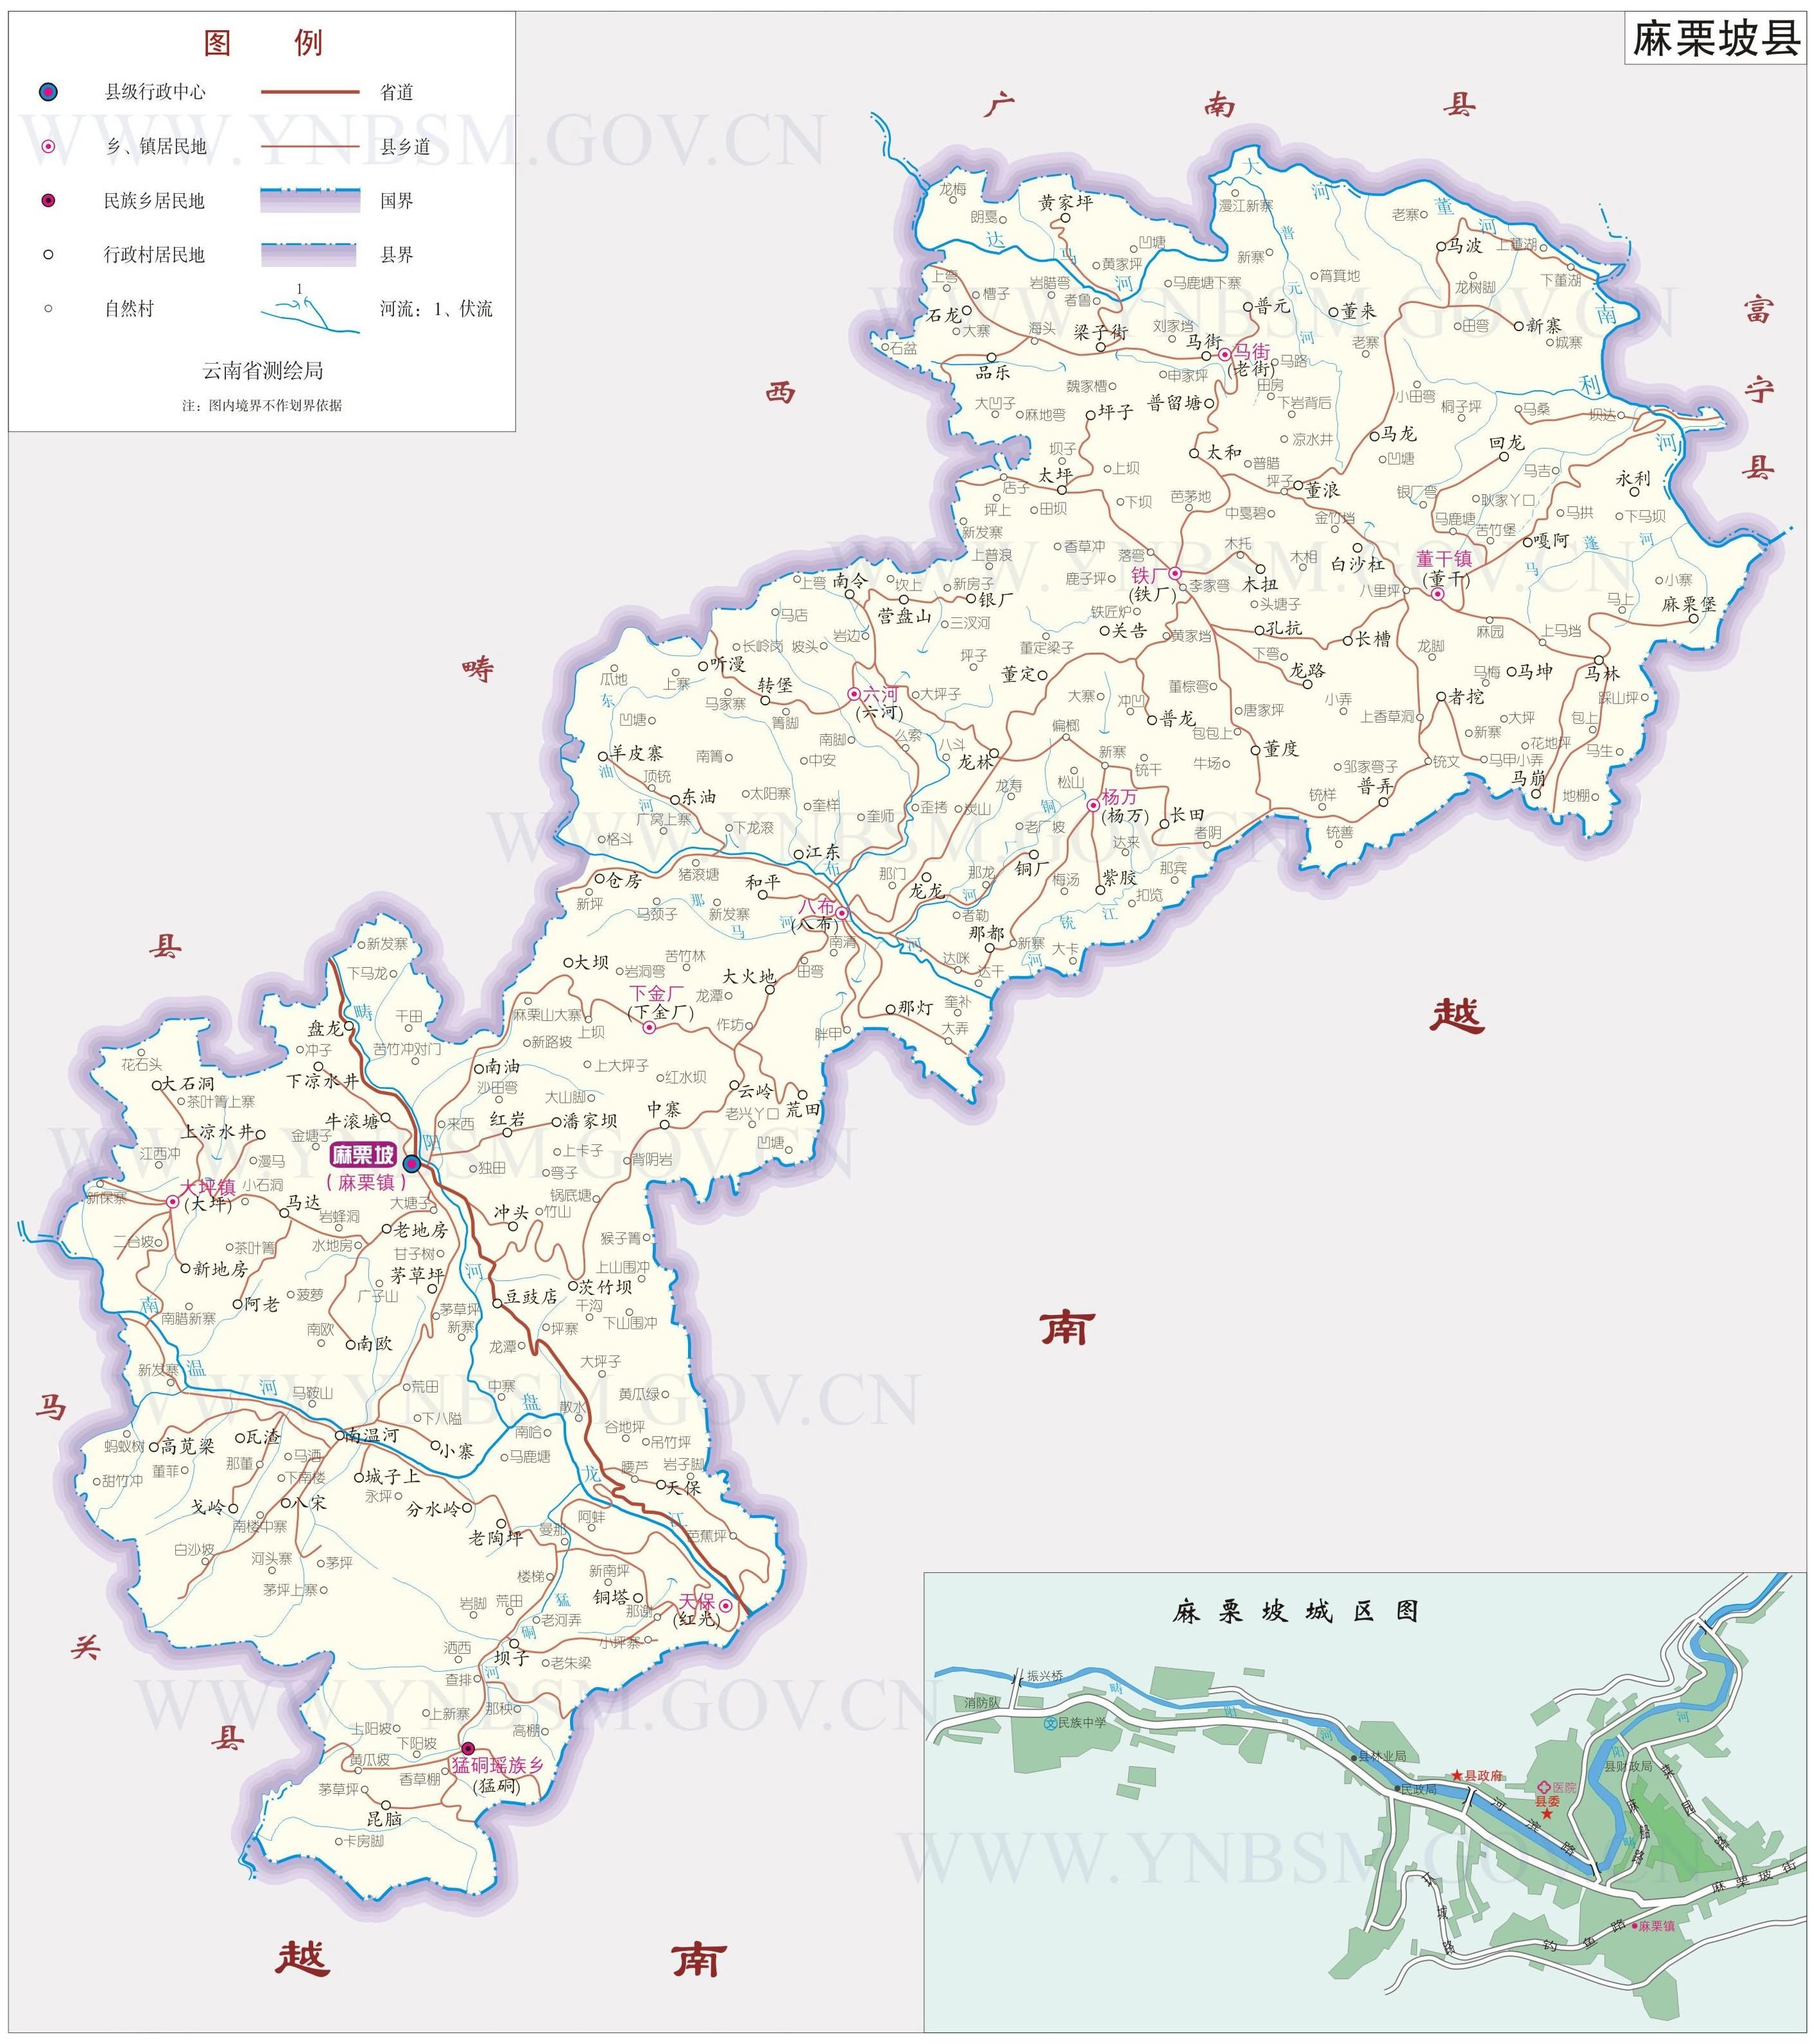 麻栗坡县地图